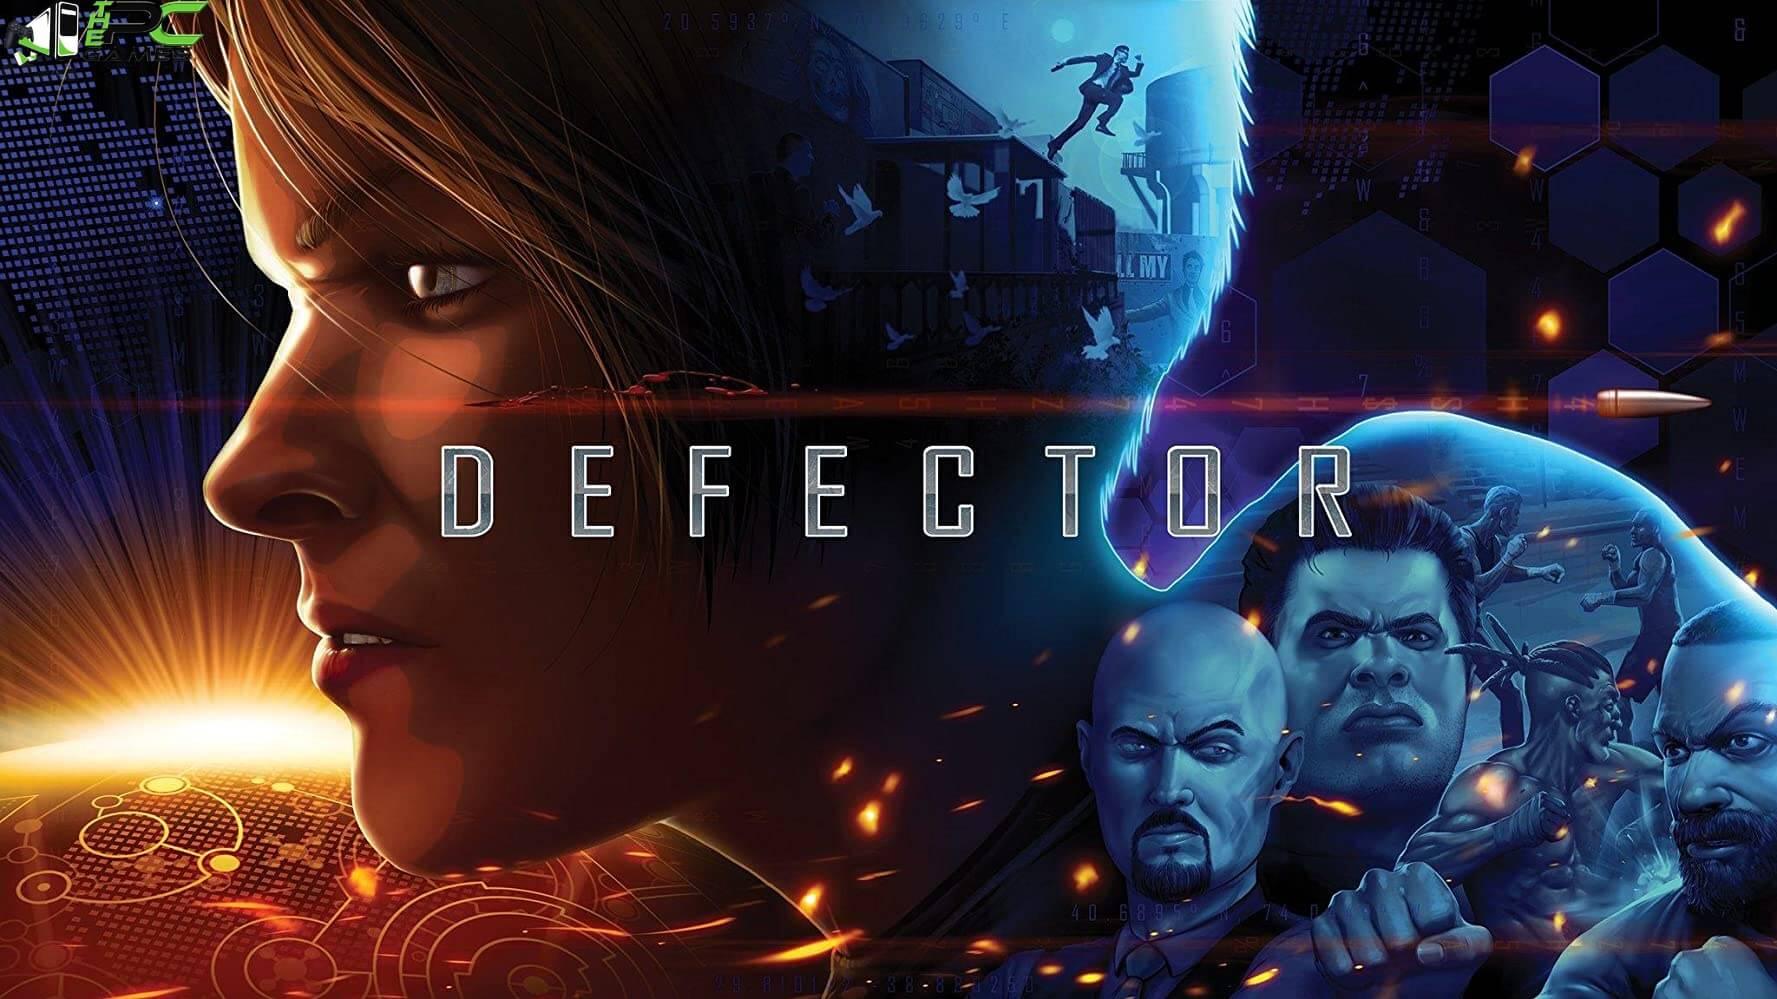 defector game download